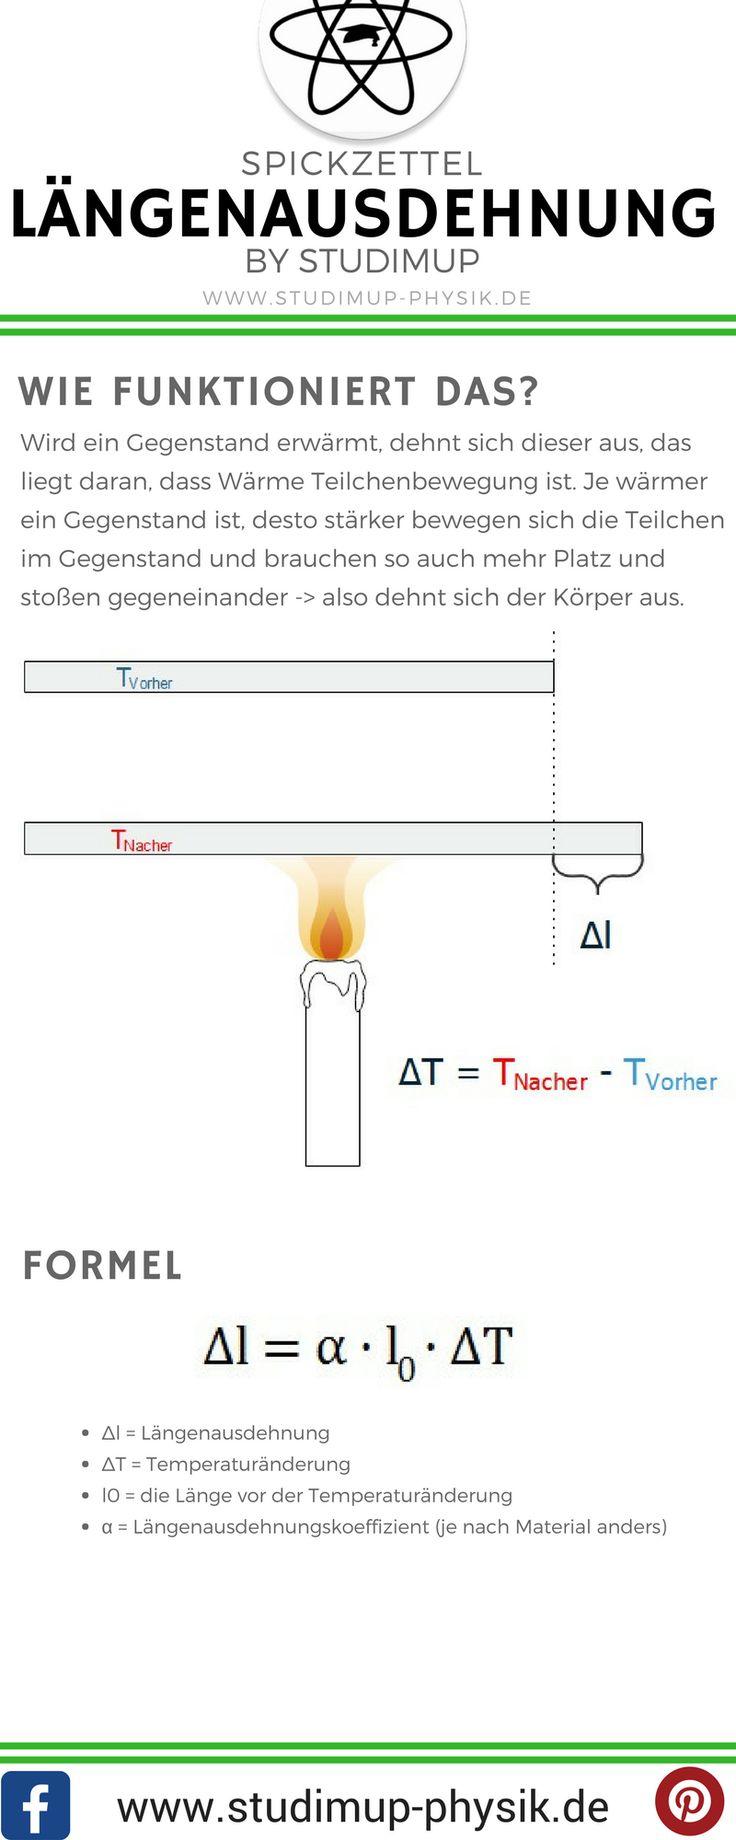 10 besten Mathematik Bilder auf Pinterest | Spickzettel, Abitur und ...